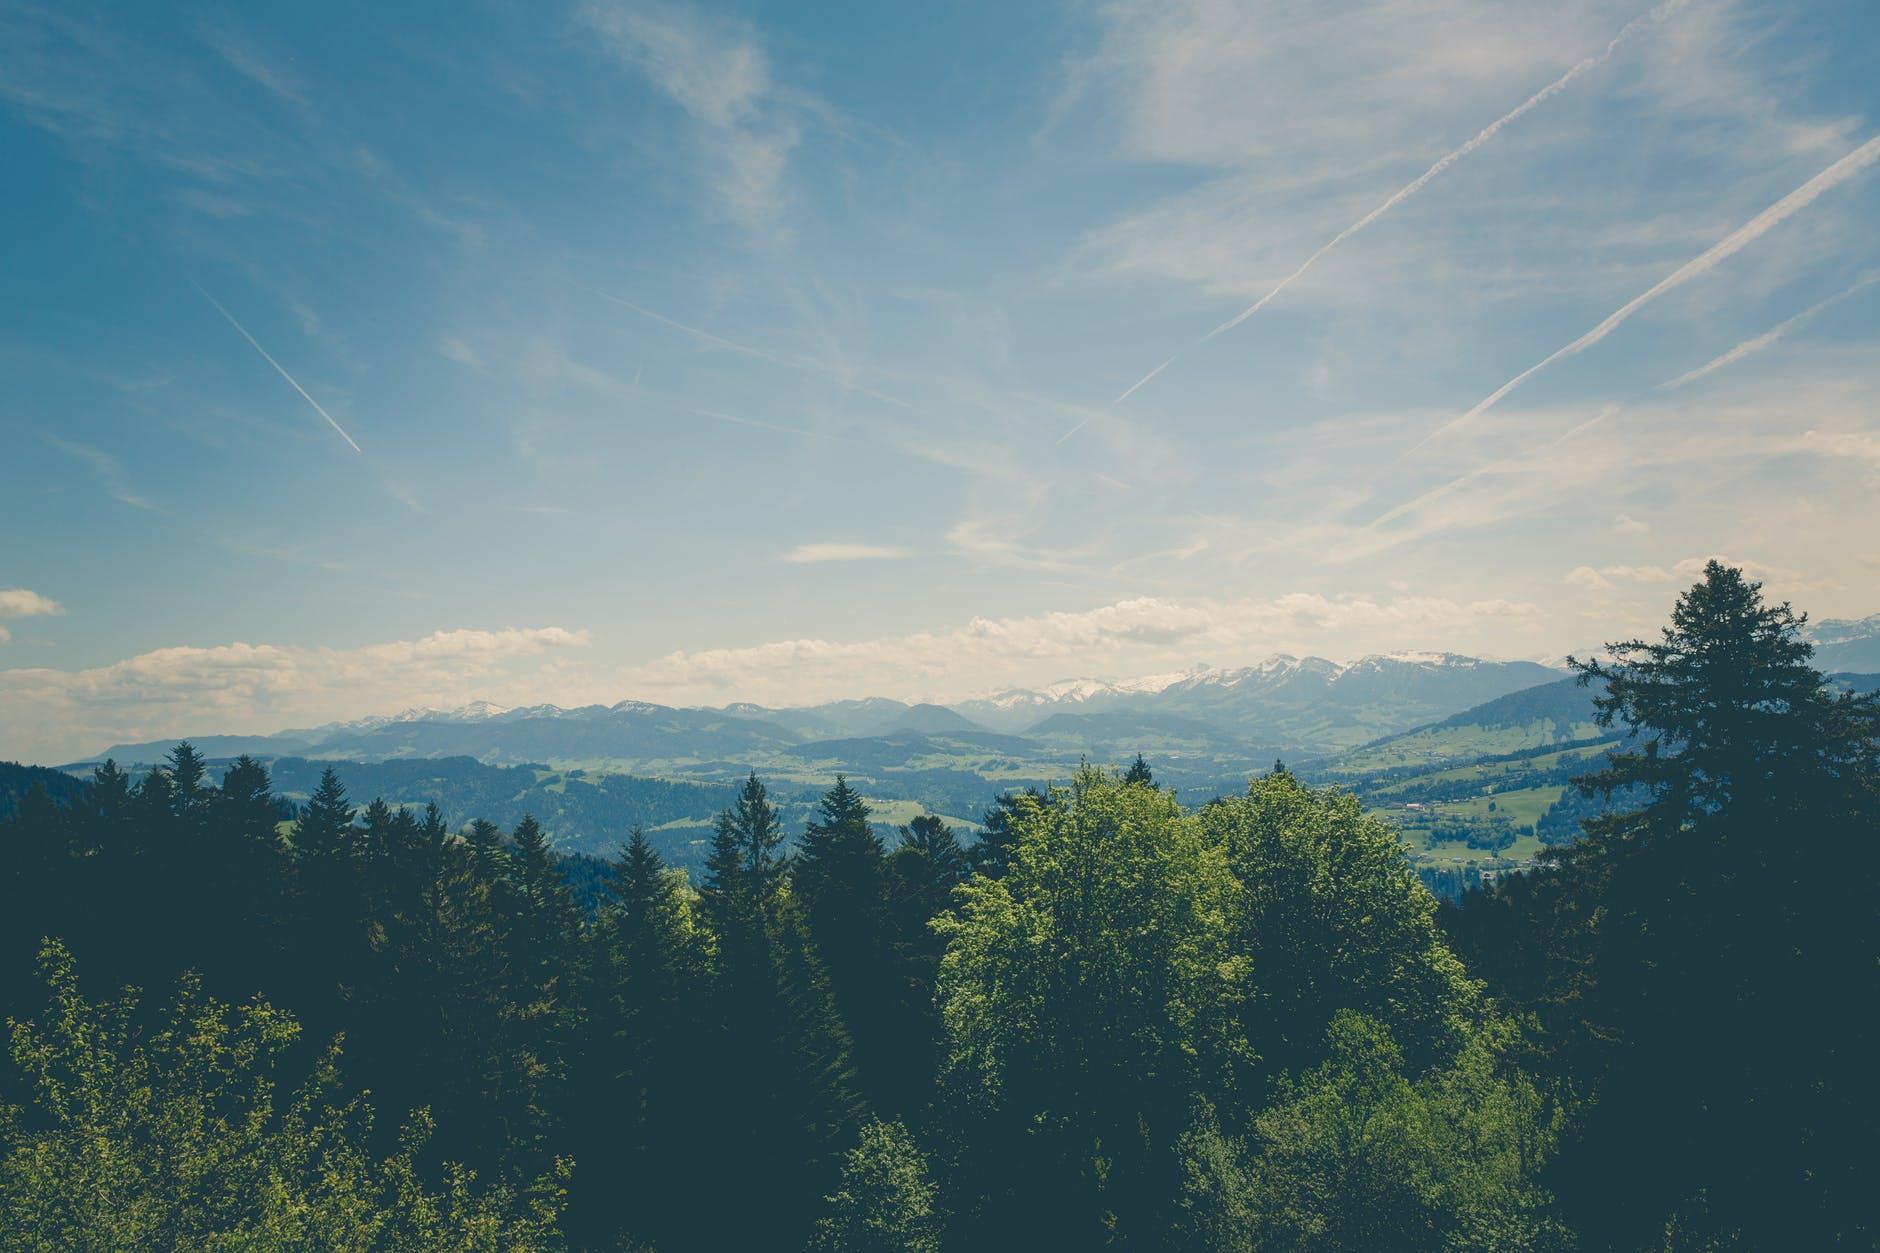 Activiştii de mediu acuză susţinerea investiţiilor în combustibili fosili şi lipsa de abordare a crizei climatice şi a declinului biodiversităţii